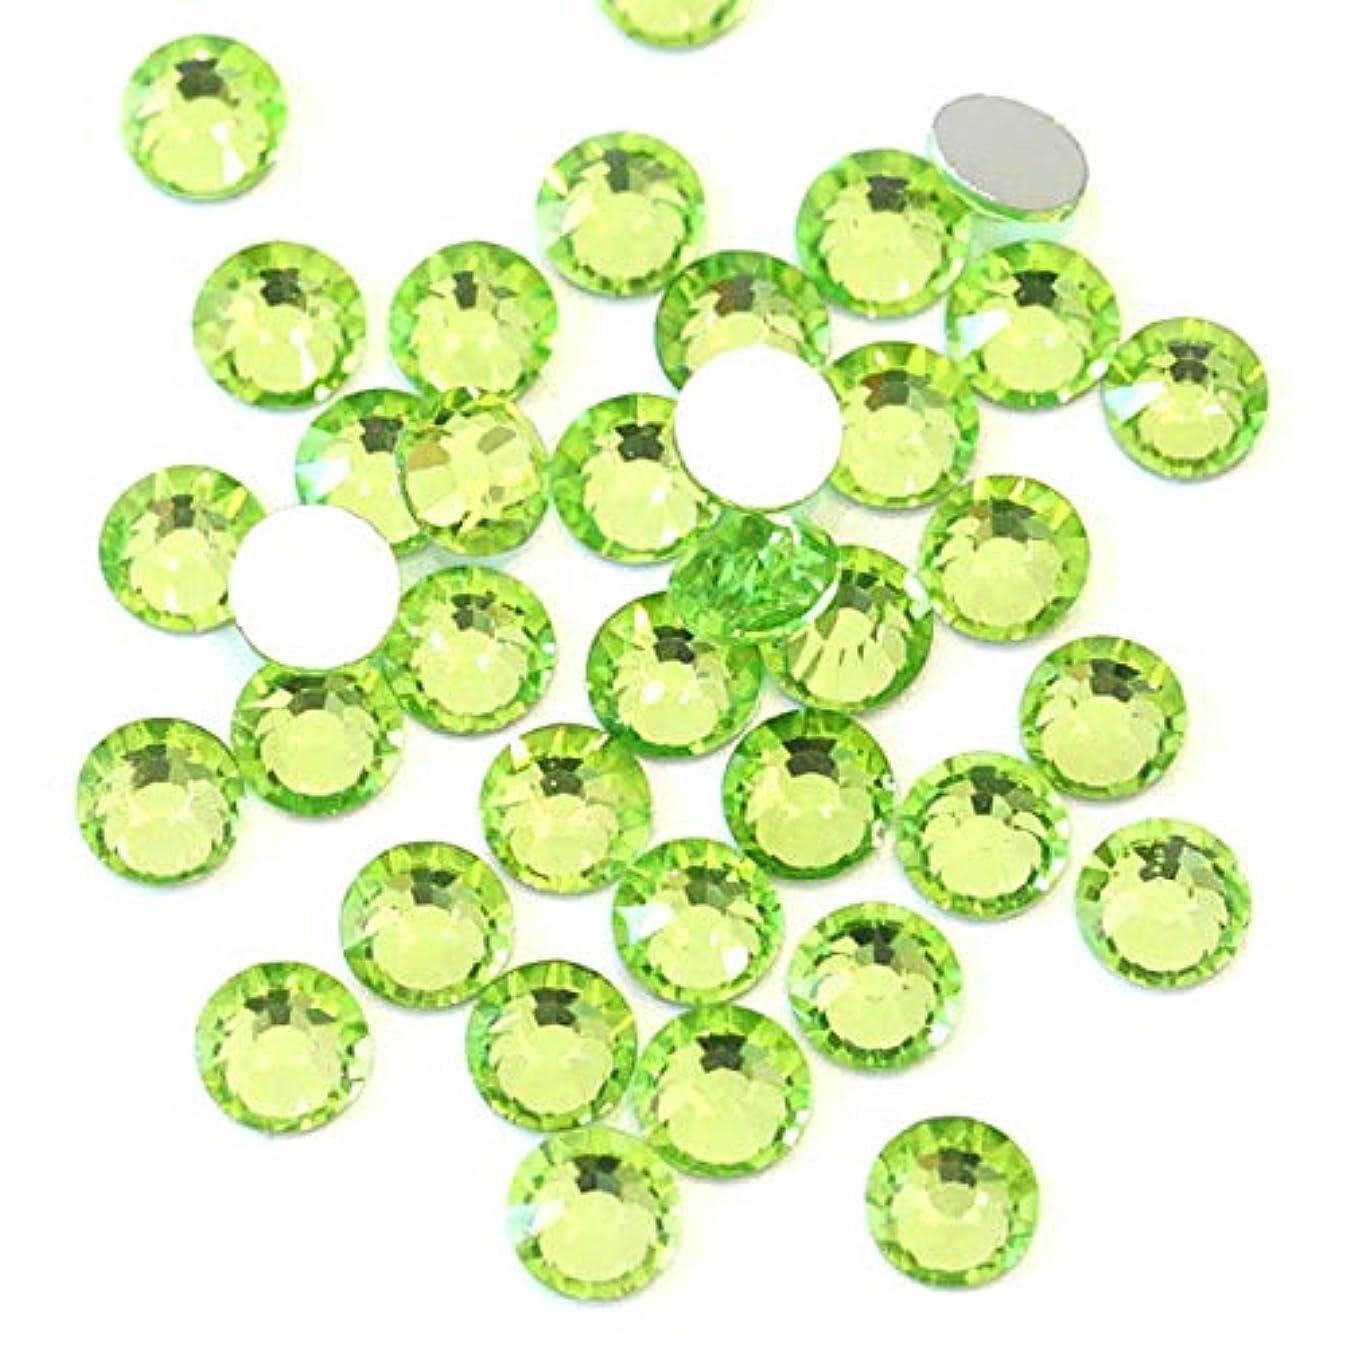 サーマルガレージ美的【ラインストーン77】高品質ガラス製ラインストーン ペリドット(4.0mm (SS16) 約150粒)